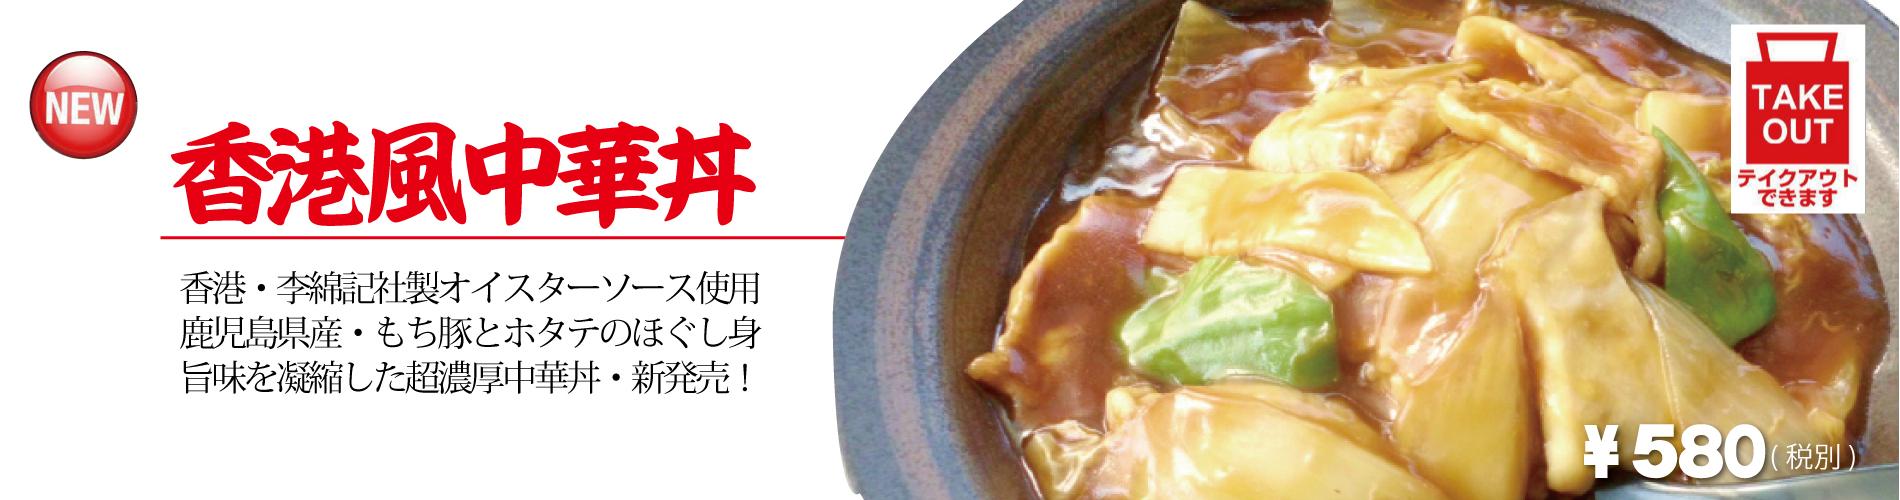 香港風中華丼